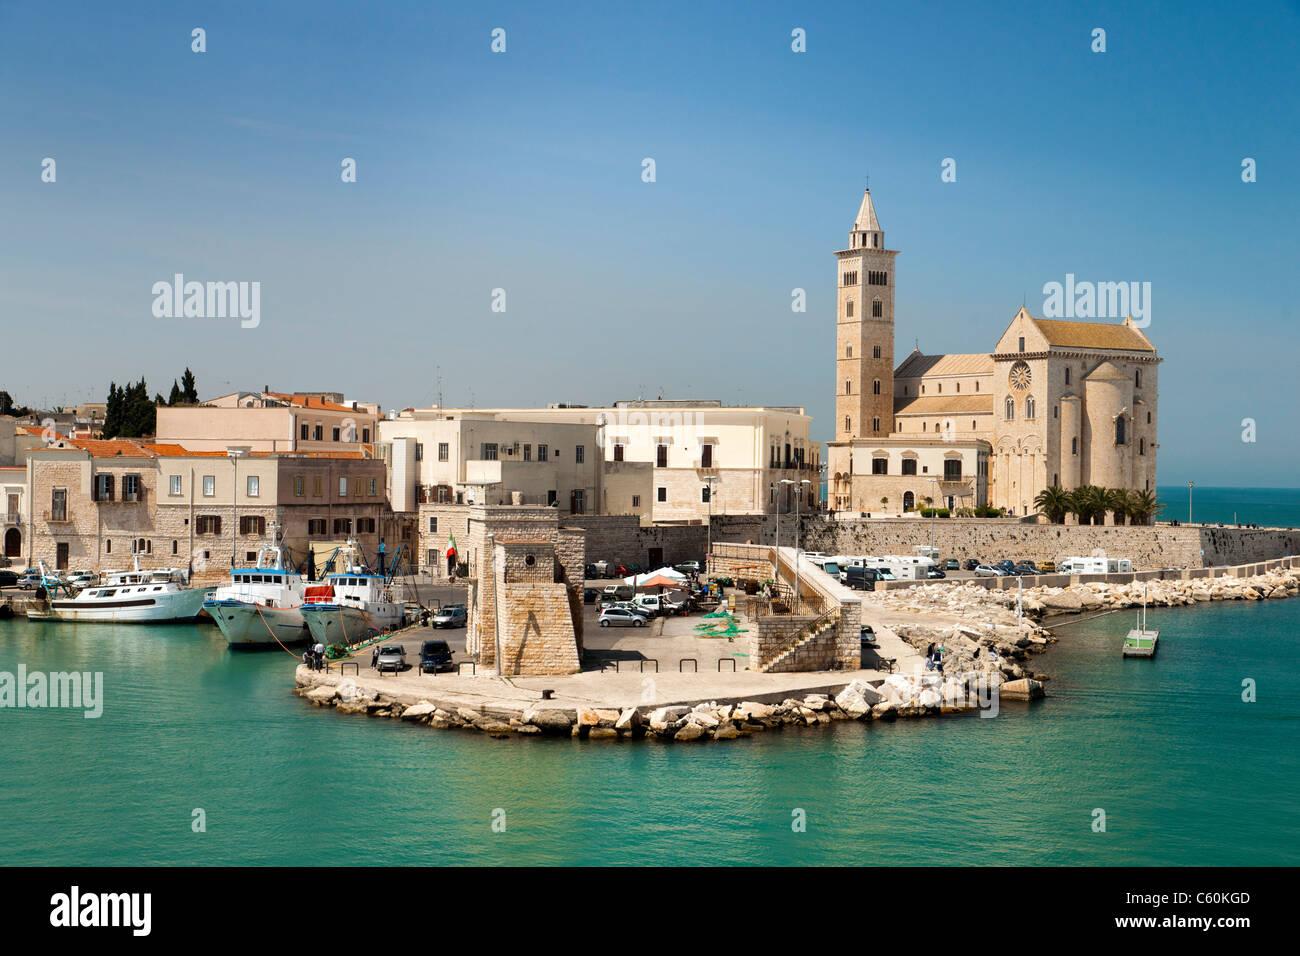 Trani Hafen und Kathedrale, Trani, Süditalien. Stockbild